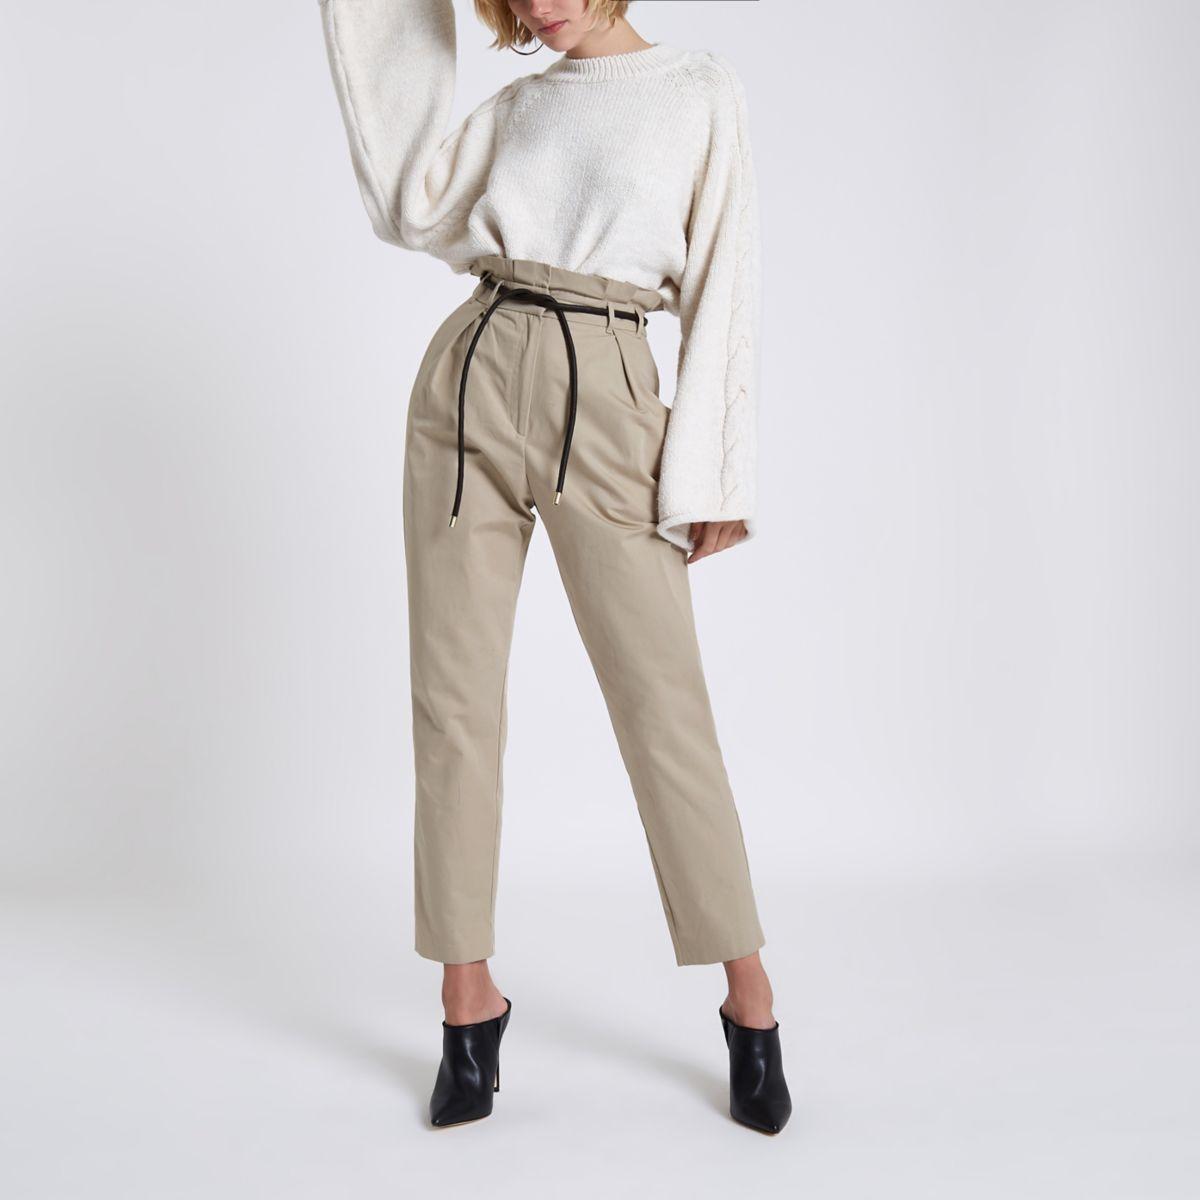 Pantalon fuselé beige à taille haute ceinturée